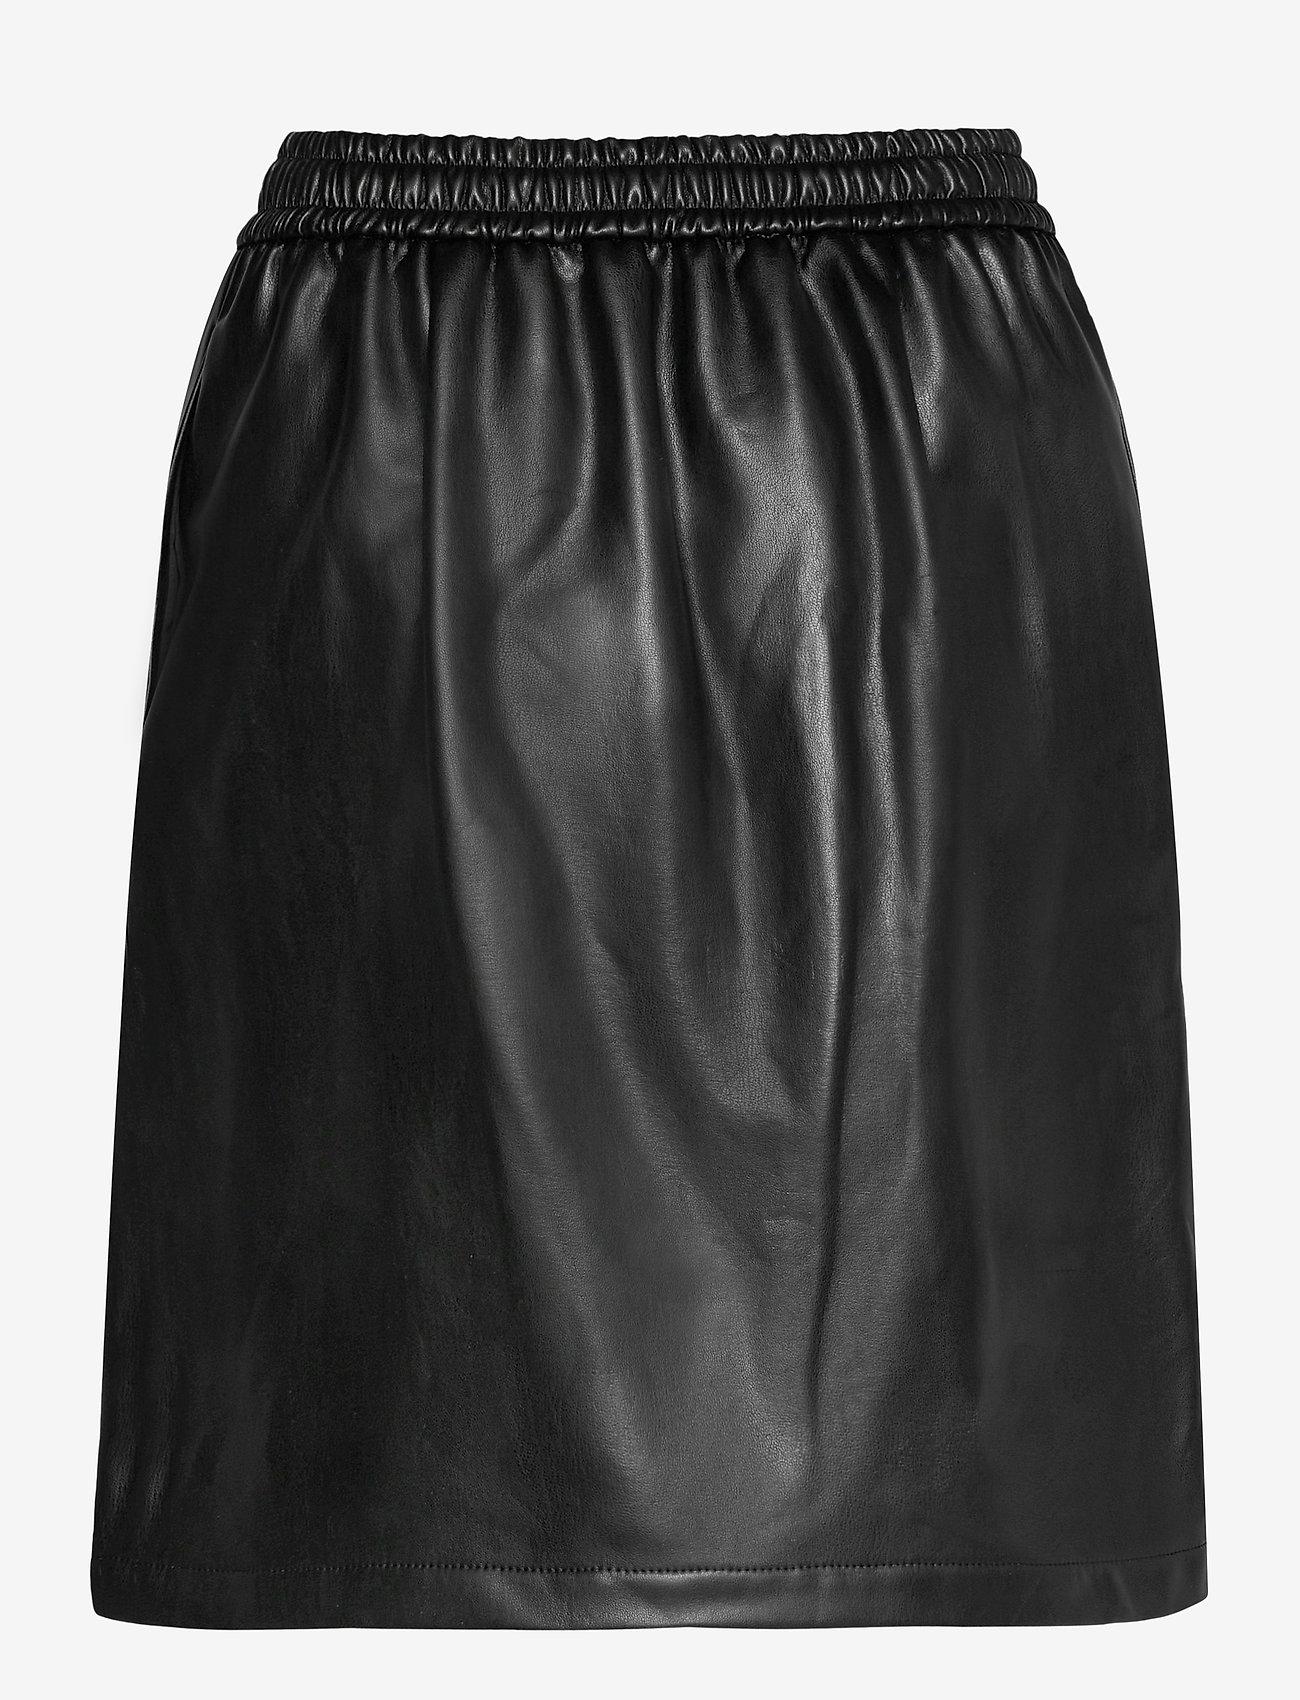 HUGO - Relani-1 - korta kjolar - black - 1